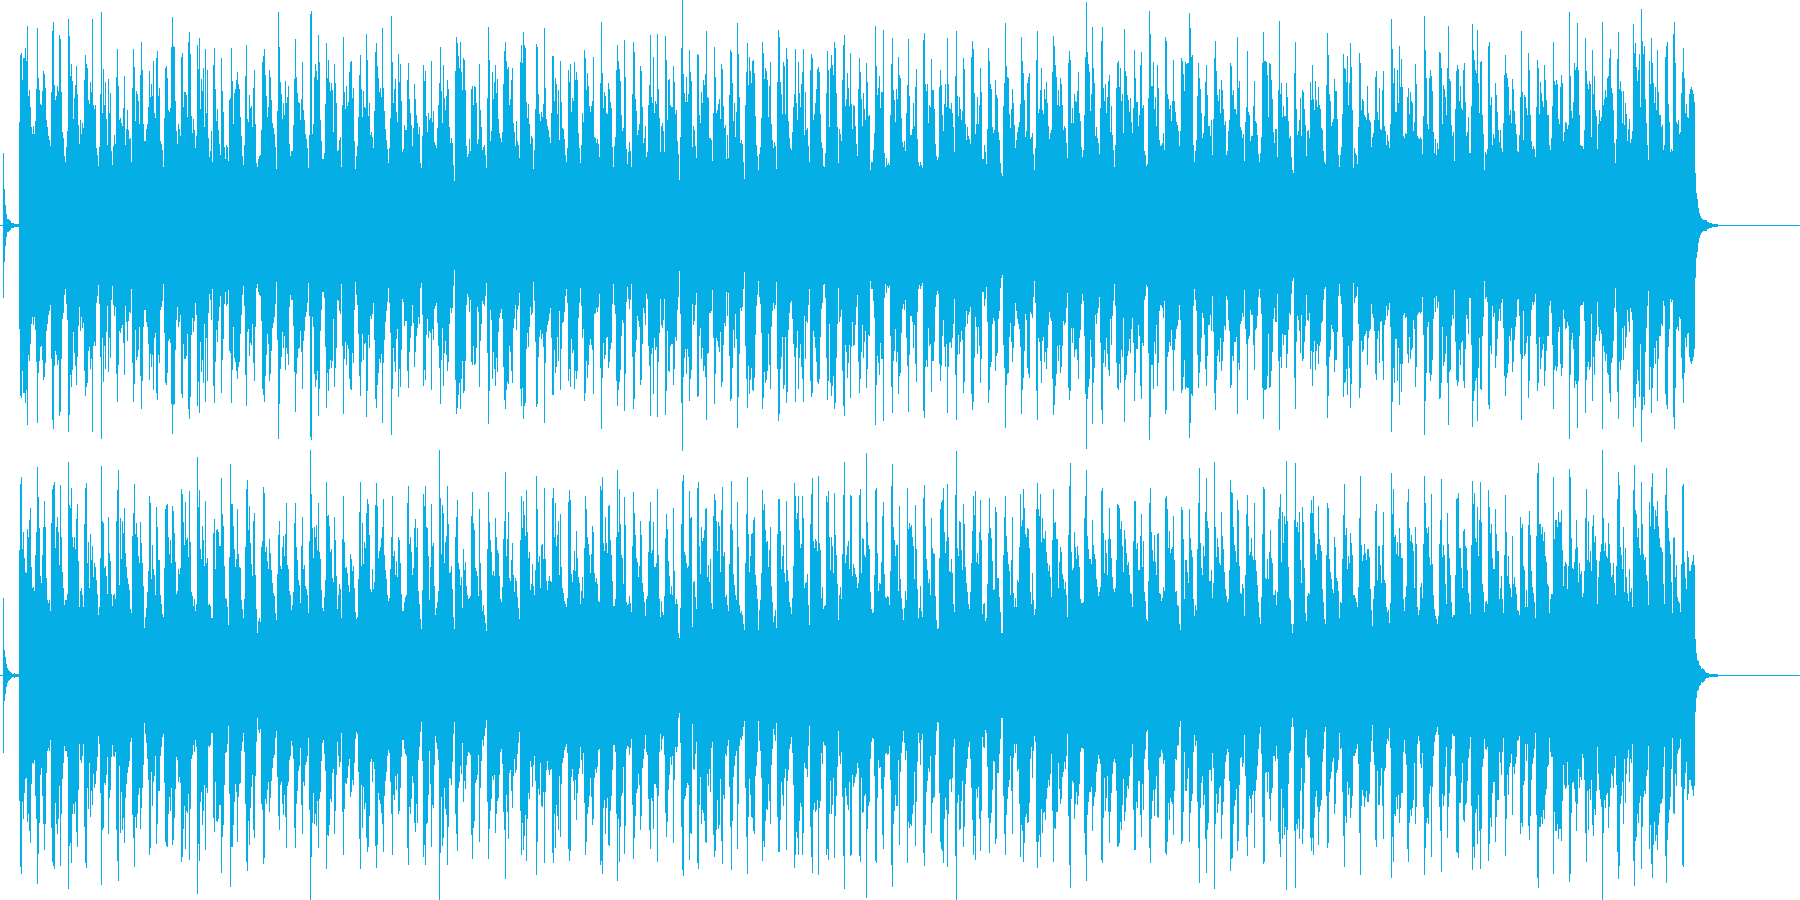 行進曲風の淡々としてコミカルなポップスの再生済みの波形